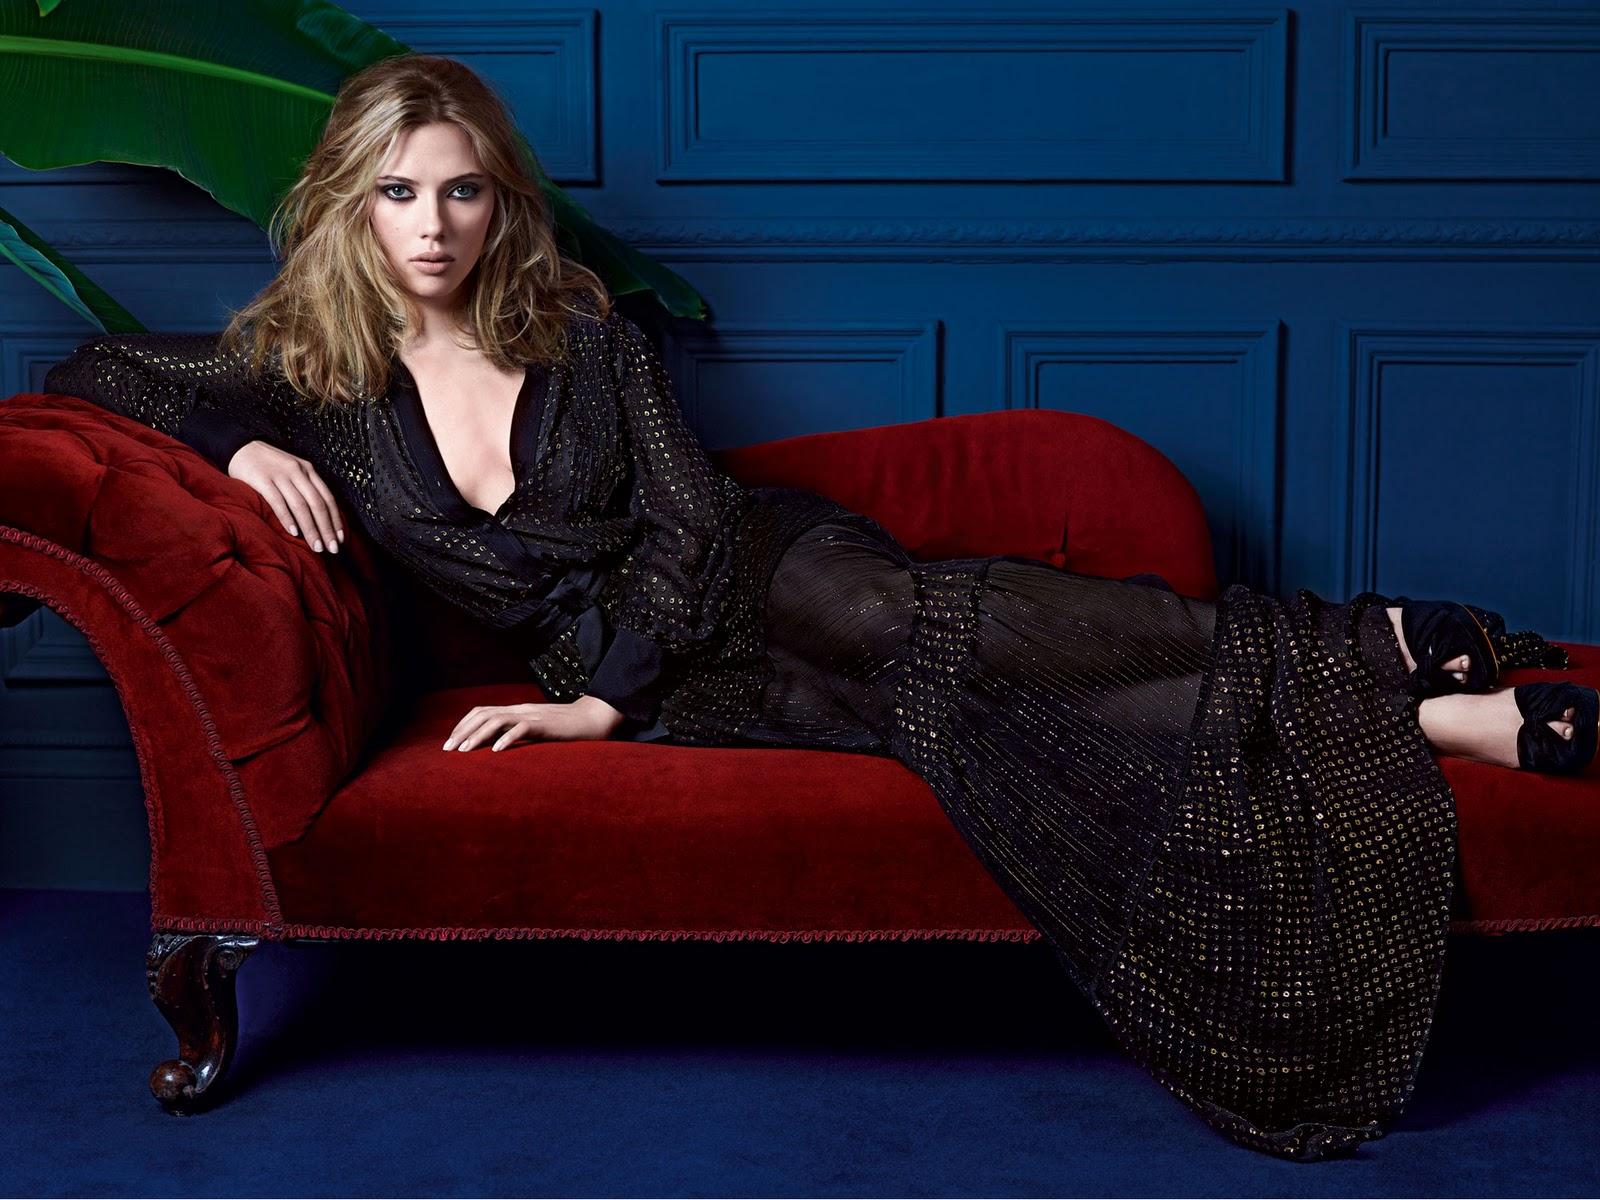 http://2.bp.blogspot.com/_DqQNorl_2Kc/TNULVm6nFSI/AAAAAAAABn4/XWYIg2YEcOM/s1600/Scarlett-Johansson-3.jpg